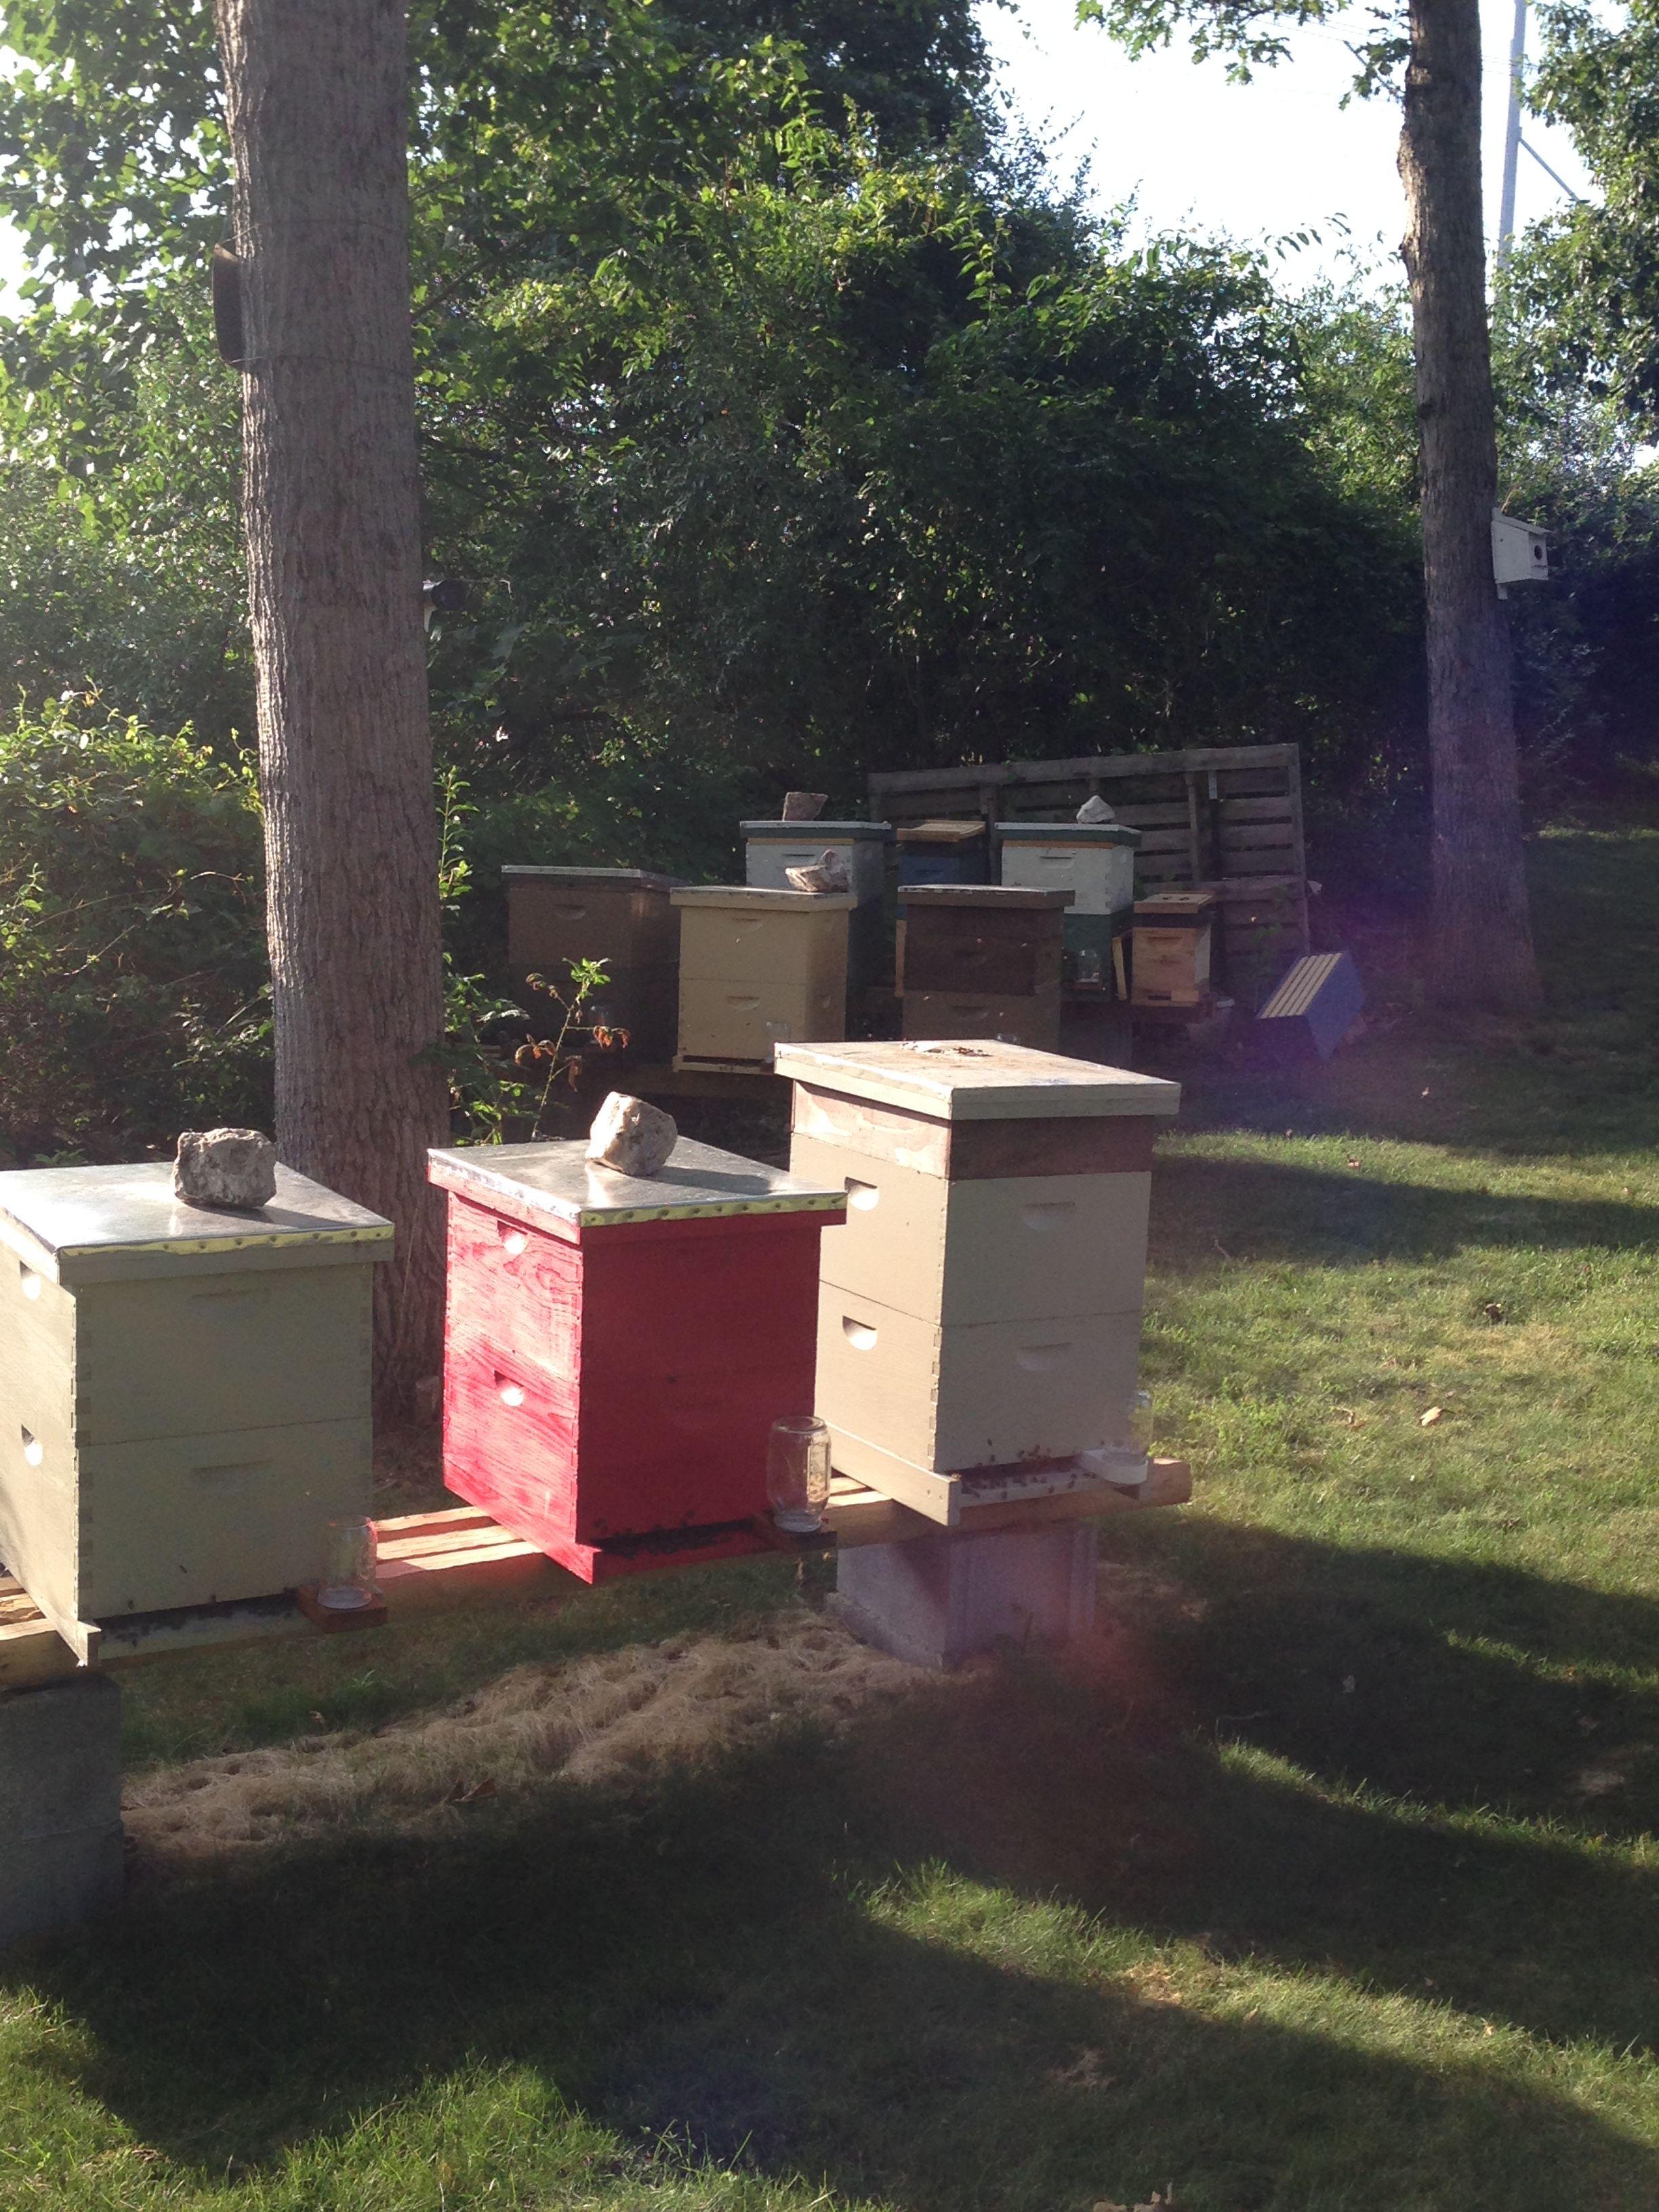 Pin by SweetSophiaLLC on Beekeeping Bee keeping, Jenga, Toys